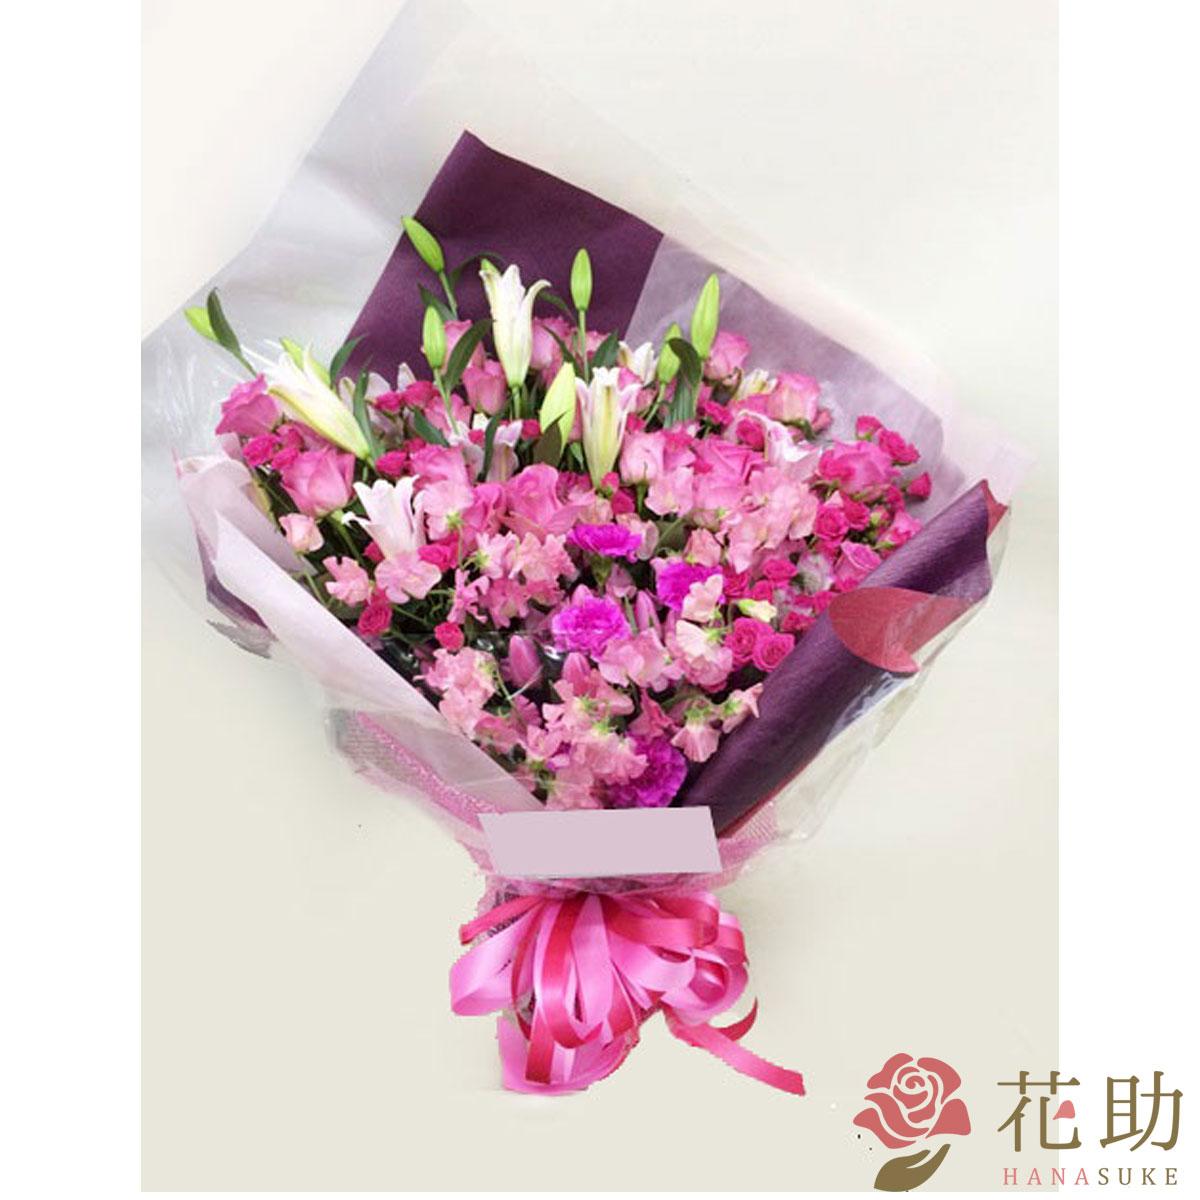 【花】フラワーコンシェルジュが厳選した花屋の お祝い花束 35000円 即日配達 送料無料【楽ギフ_メッセ】【あす楽対応】